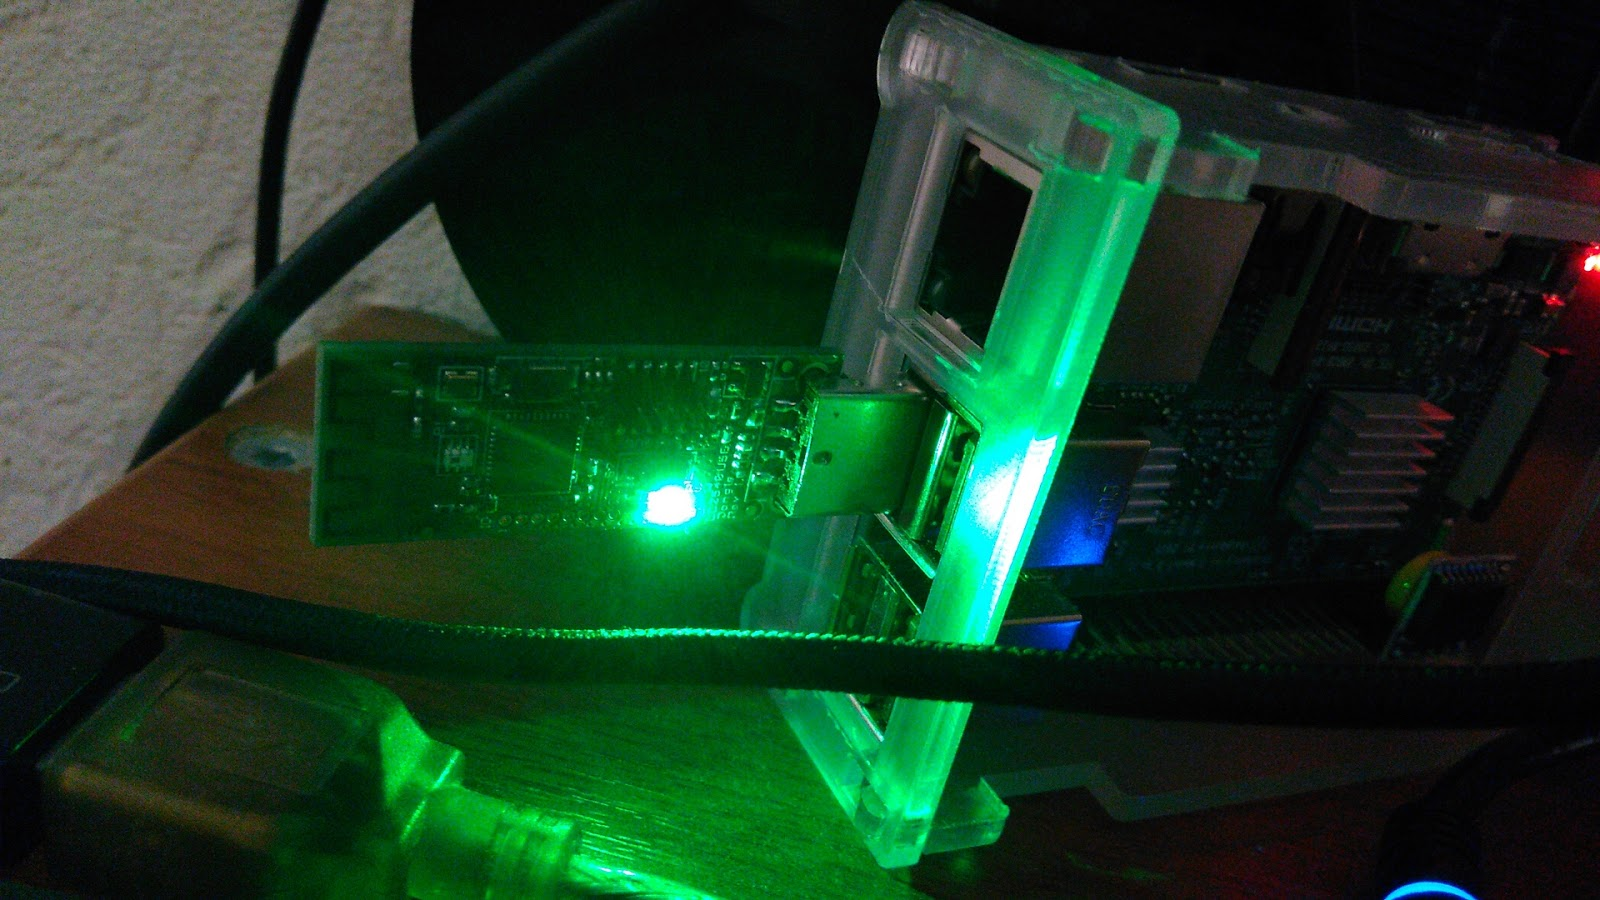 Zigbee2mqtt Raspberry Pi